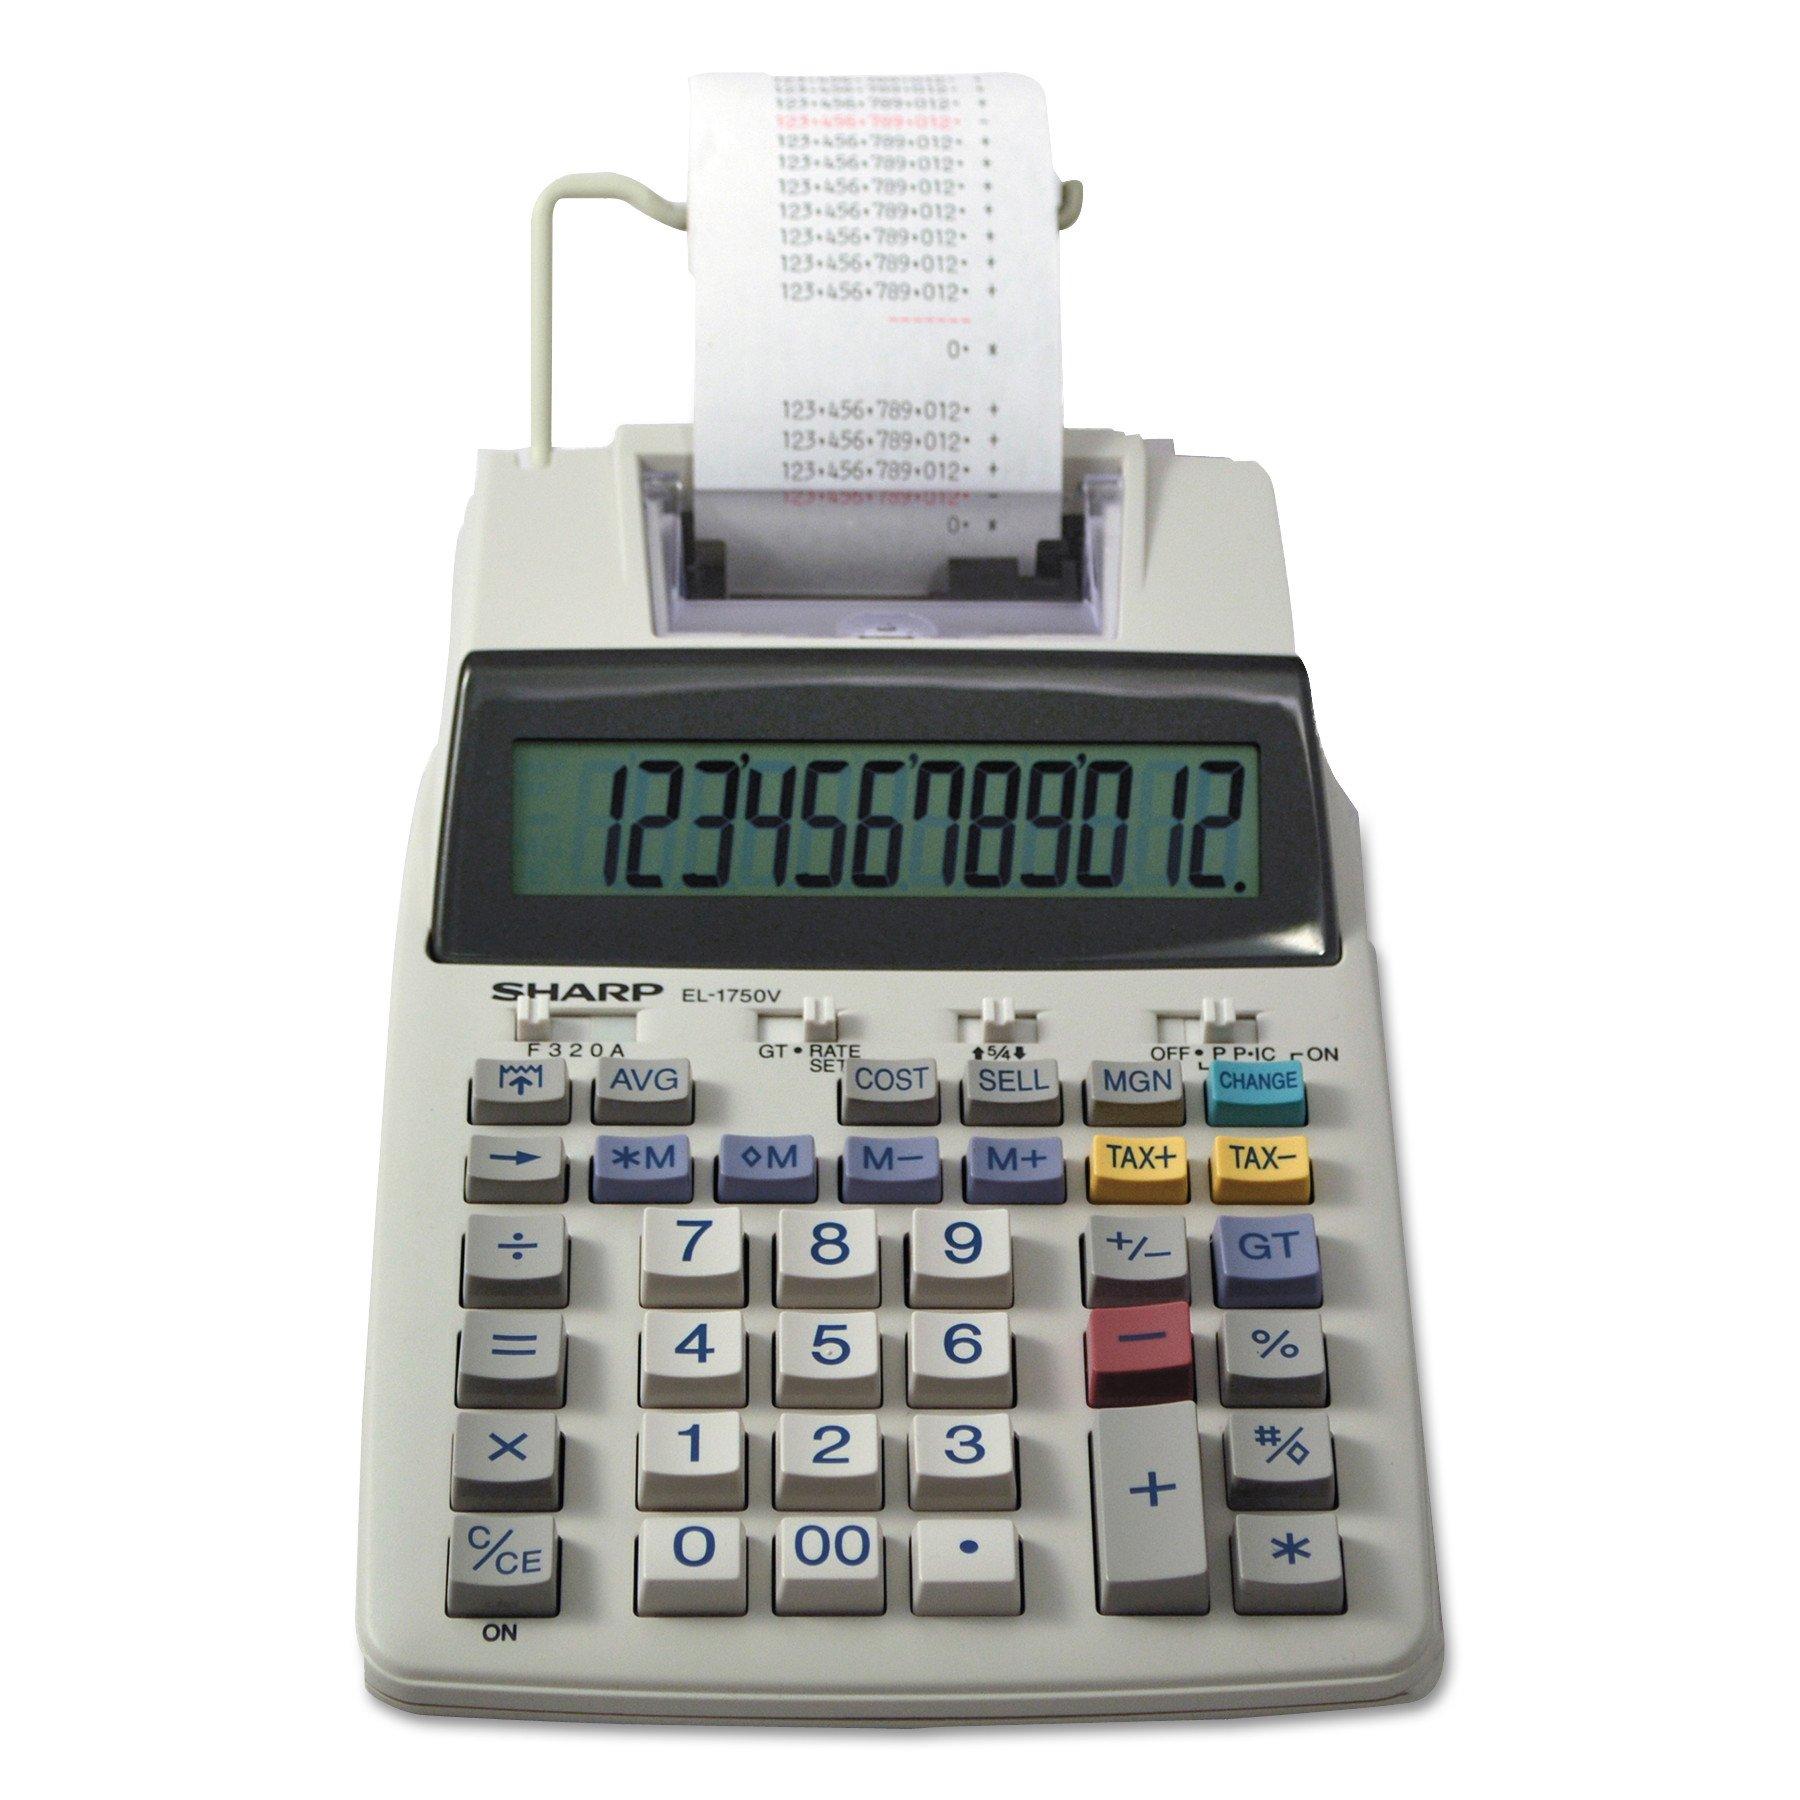 Sharp EL-1750V 12 Digit Compact Desktop 2-Color Printing Calculator